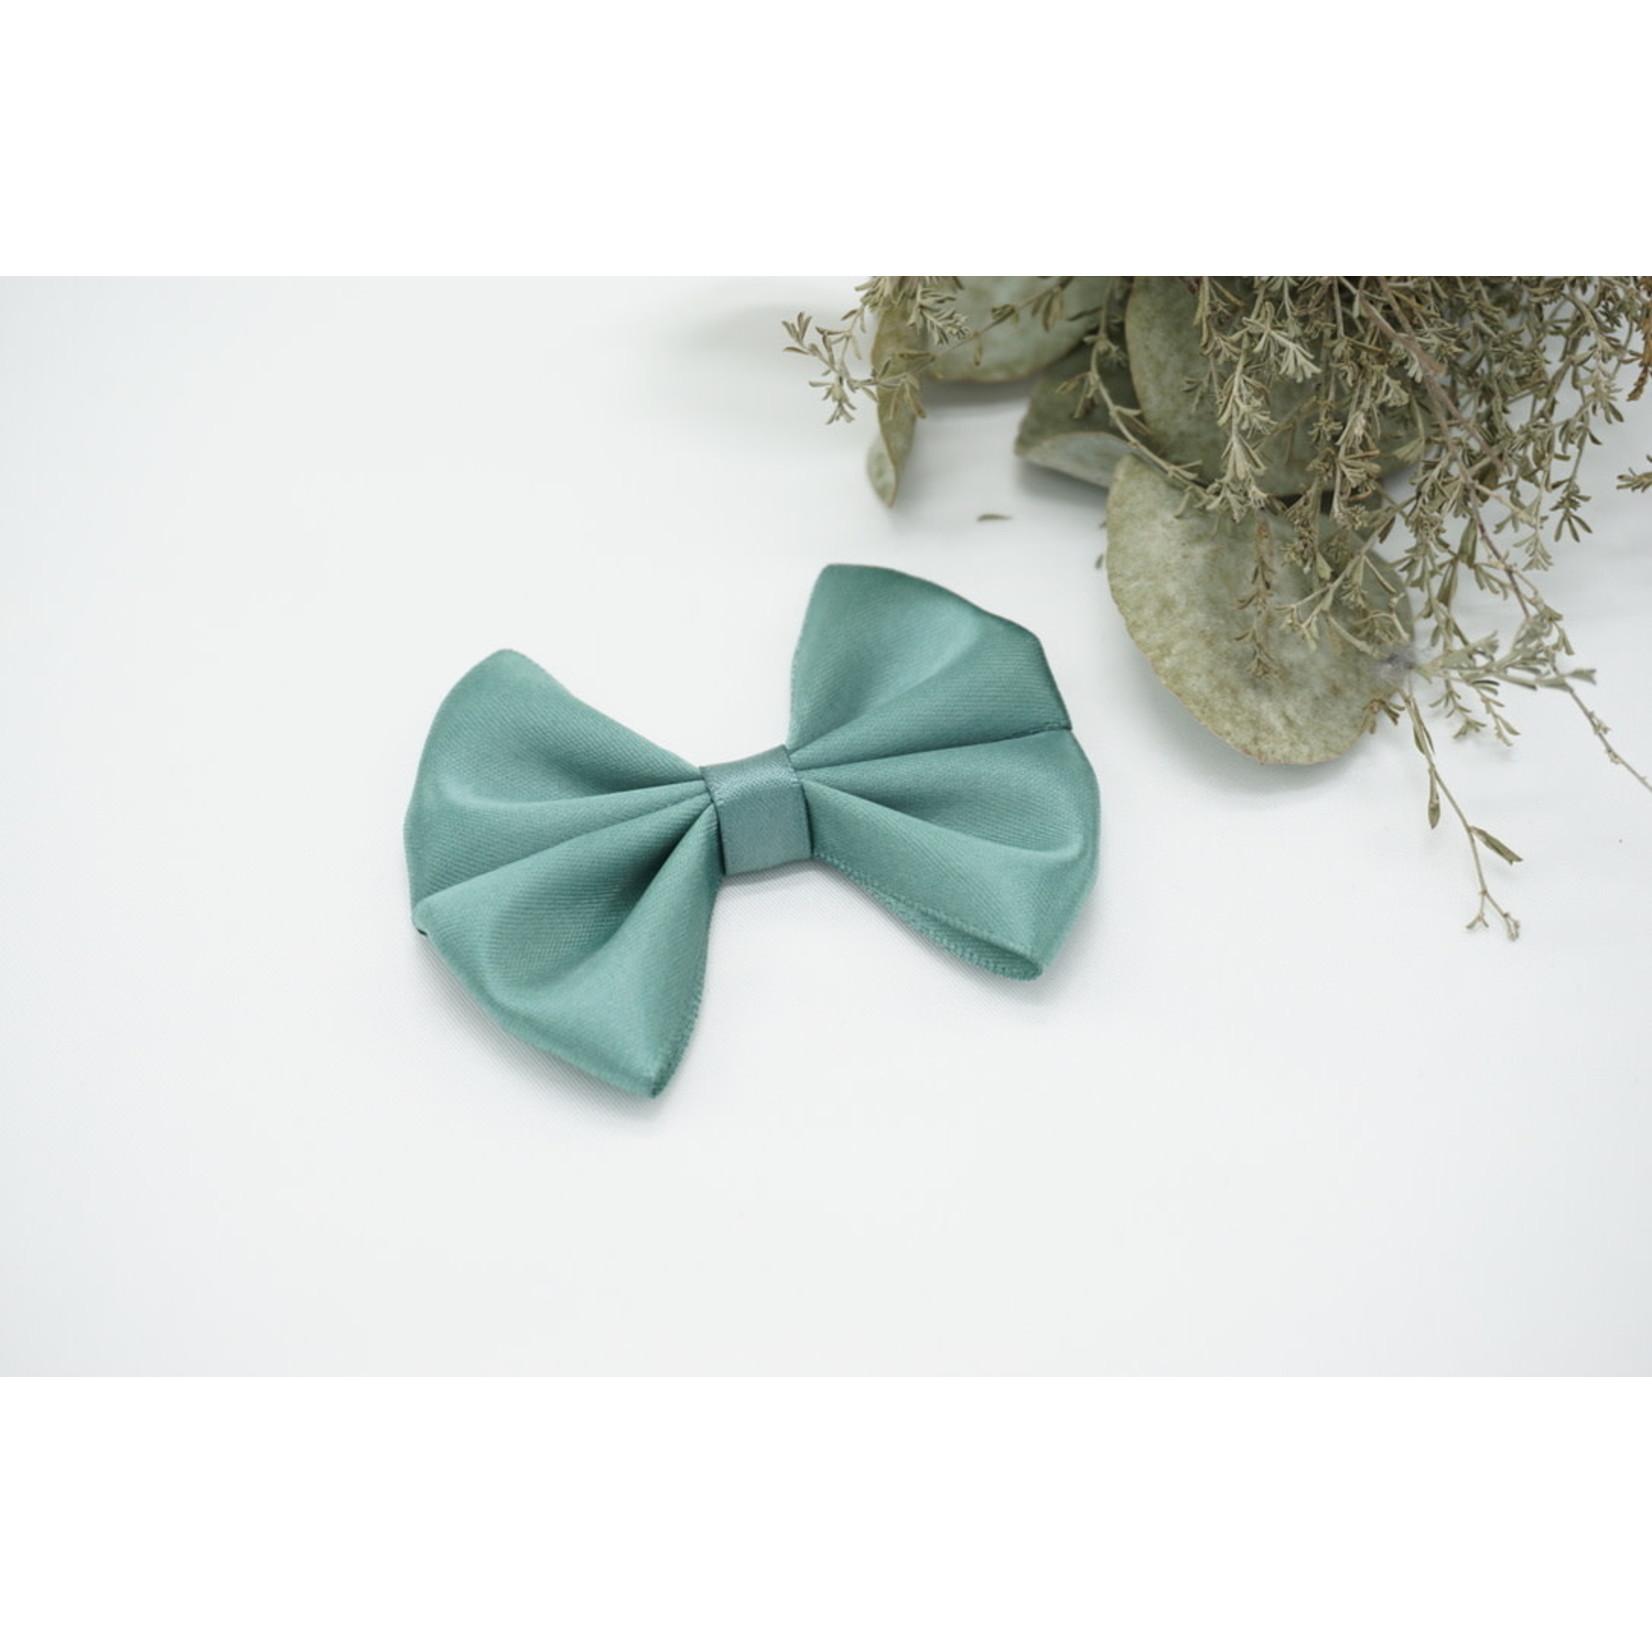 Petite Zara Satin Bow - Stone Green